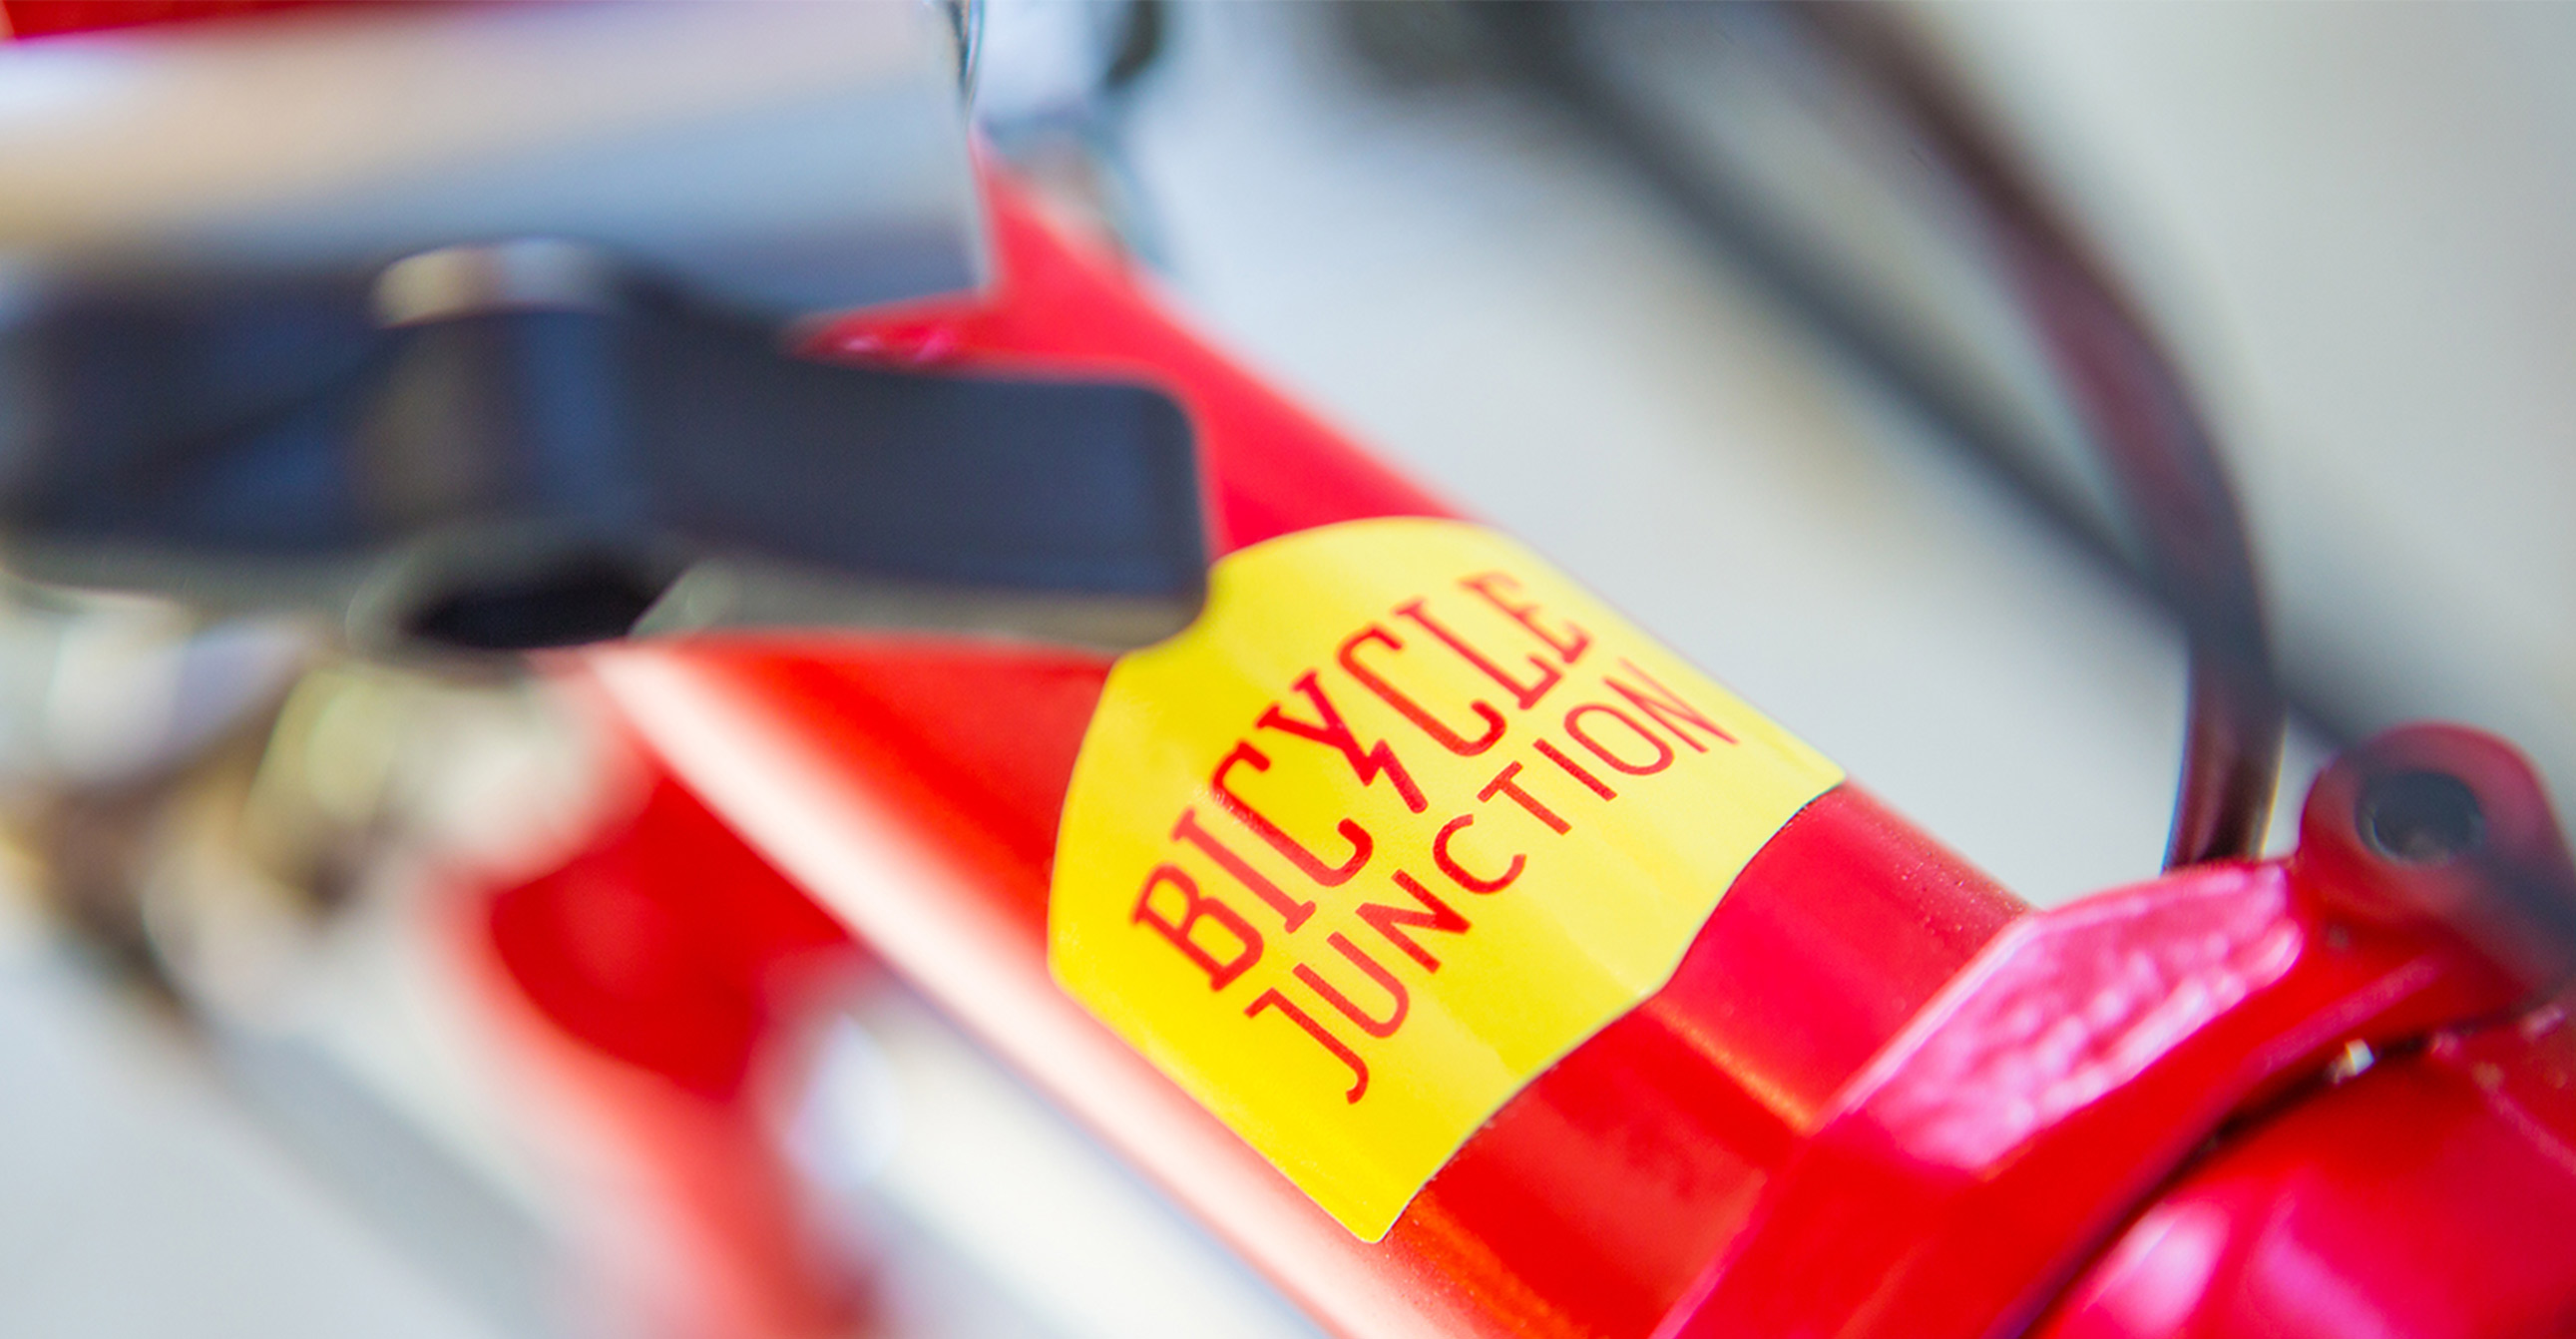 bicyclejunction_04.jpg